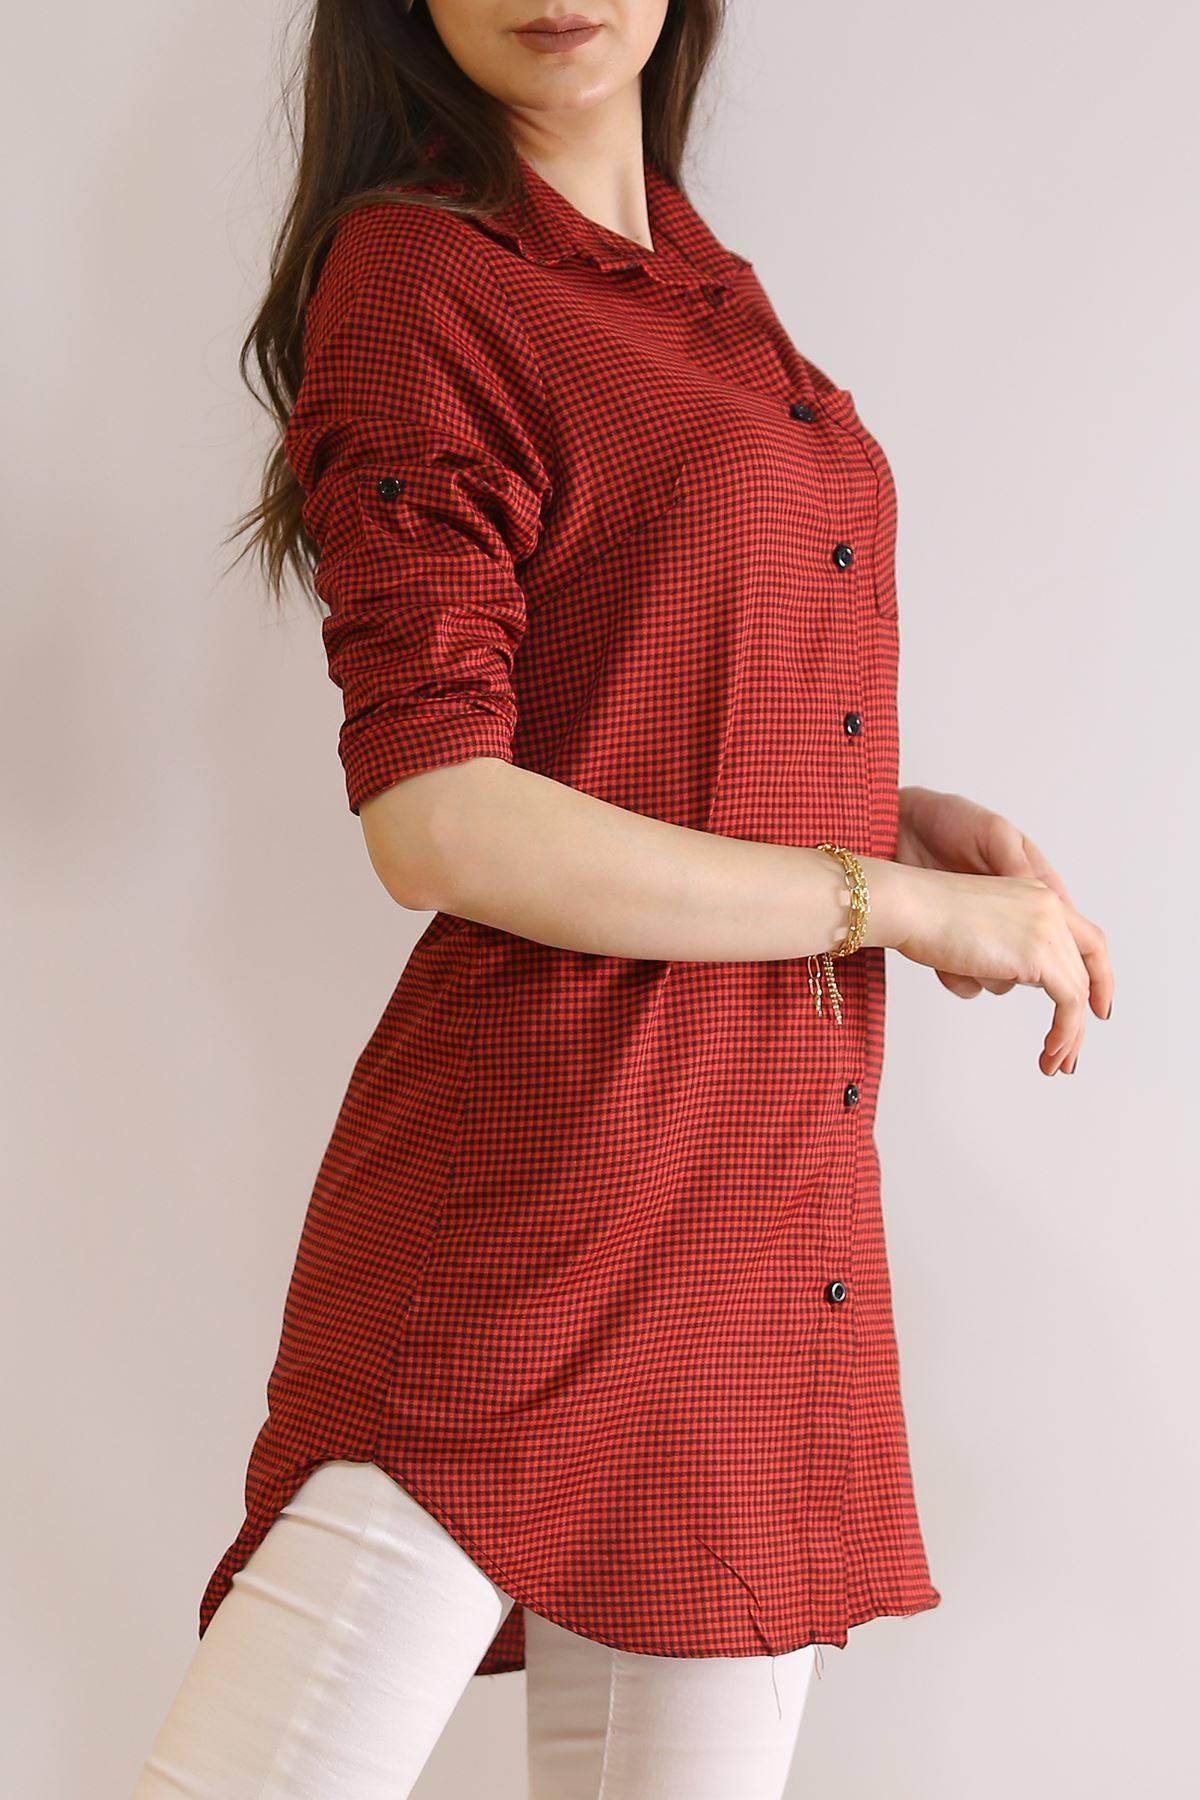 Tunik Gömlek Karelikırmızı - 5905.1376.